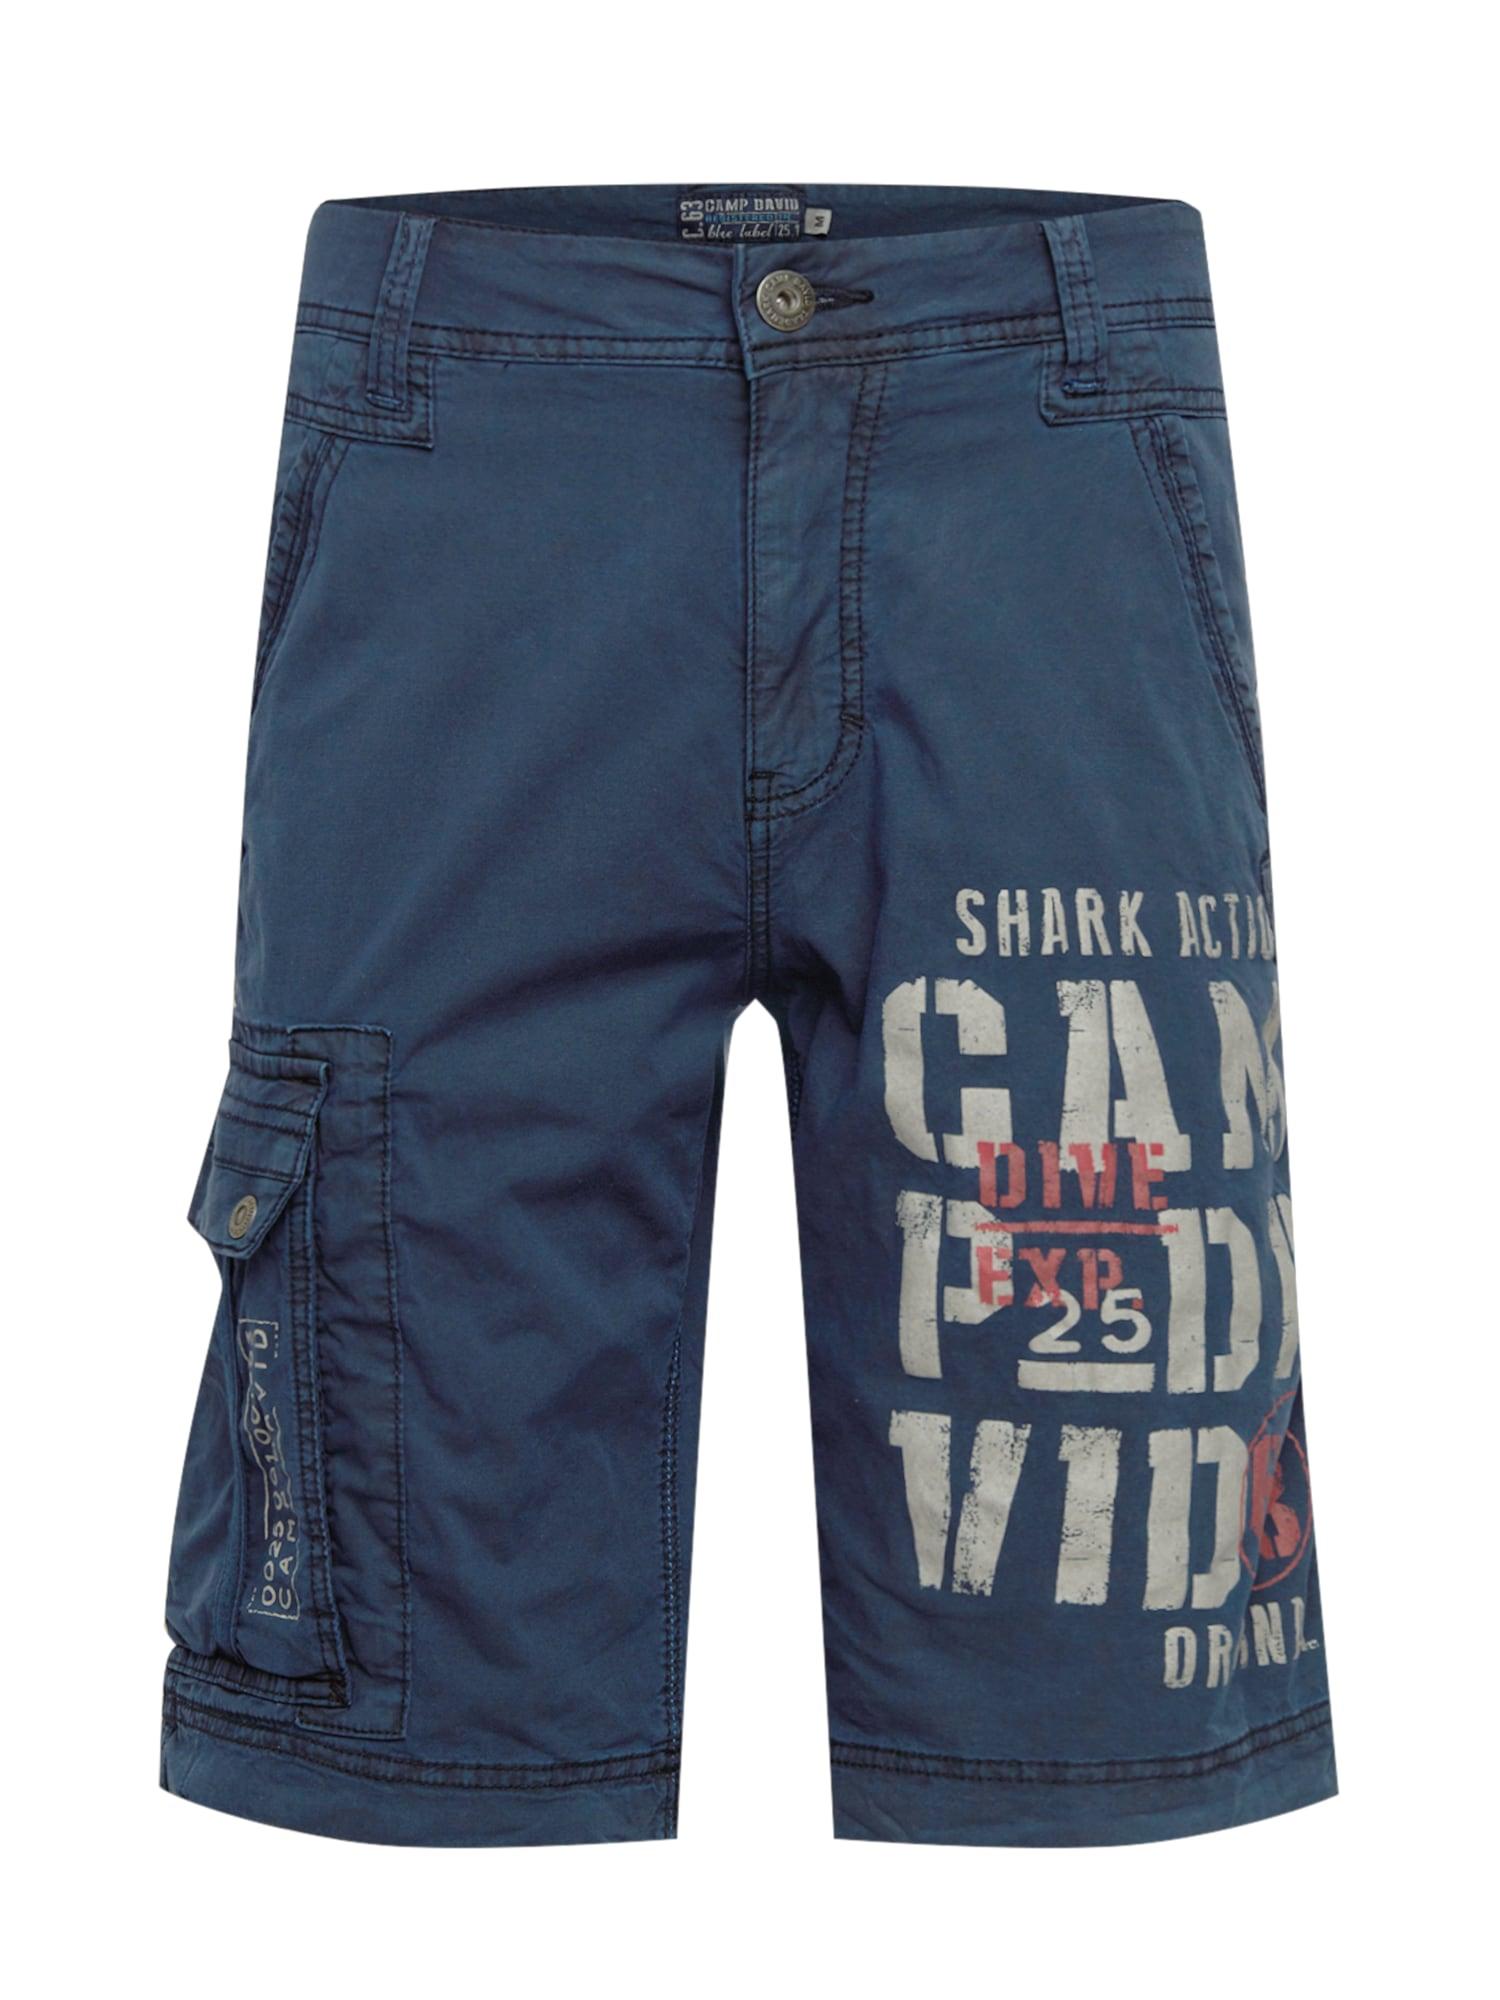 CAMP DAVID Laisvo stiliaus kelnės tamsiai mėlyna / balta / lašišų spalva